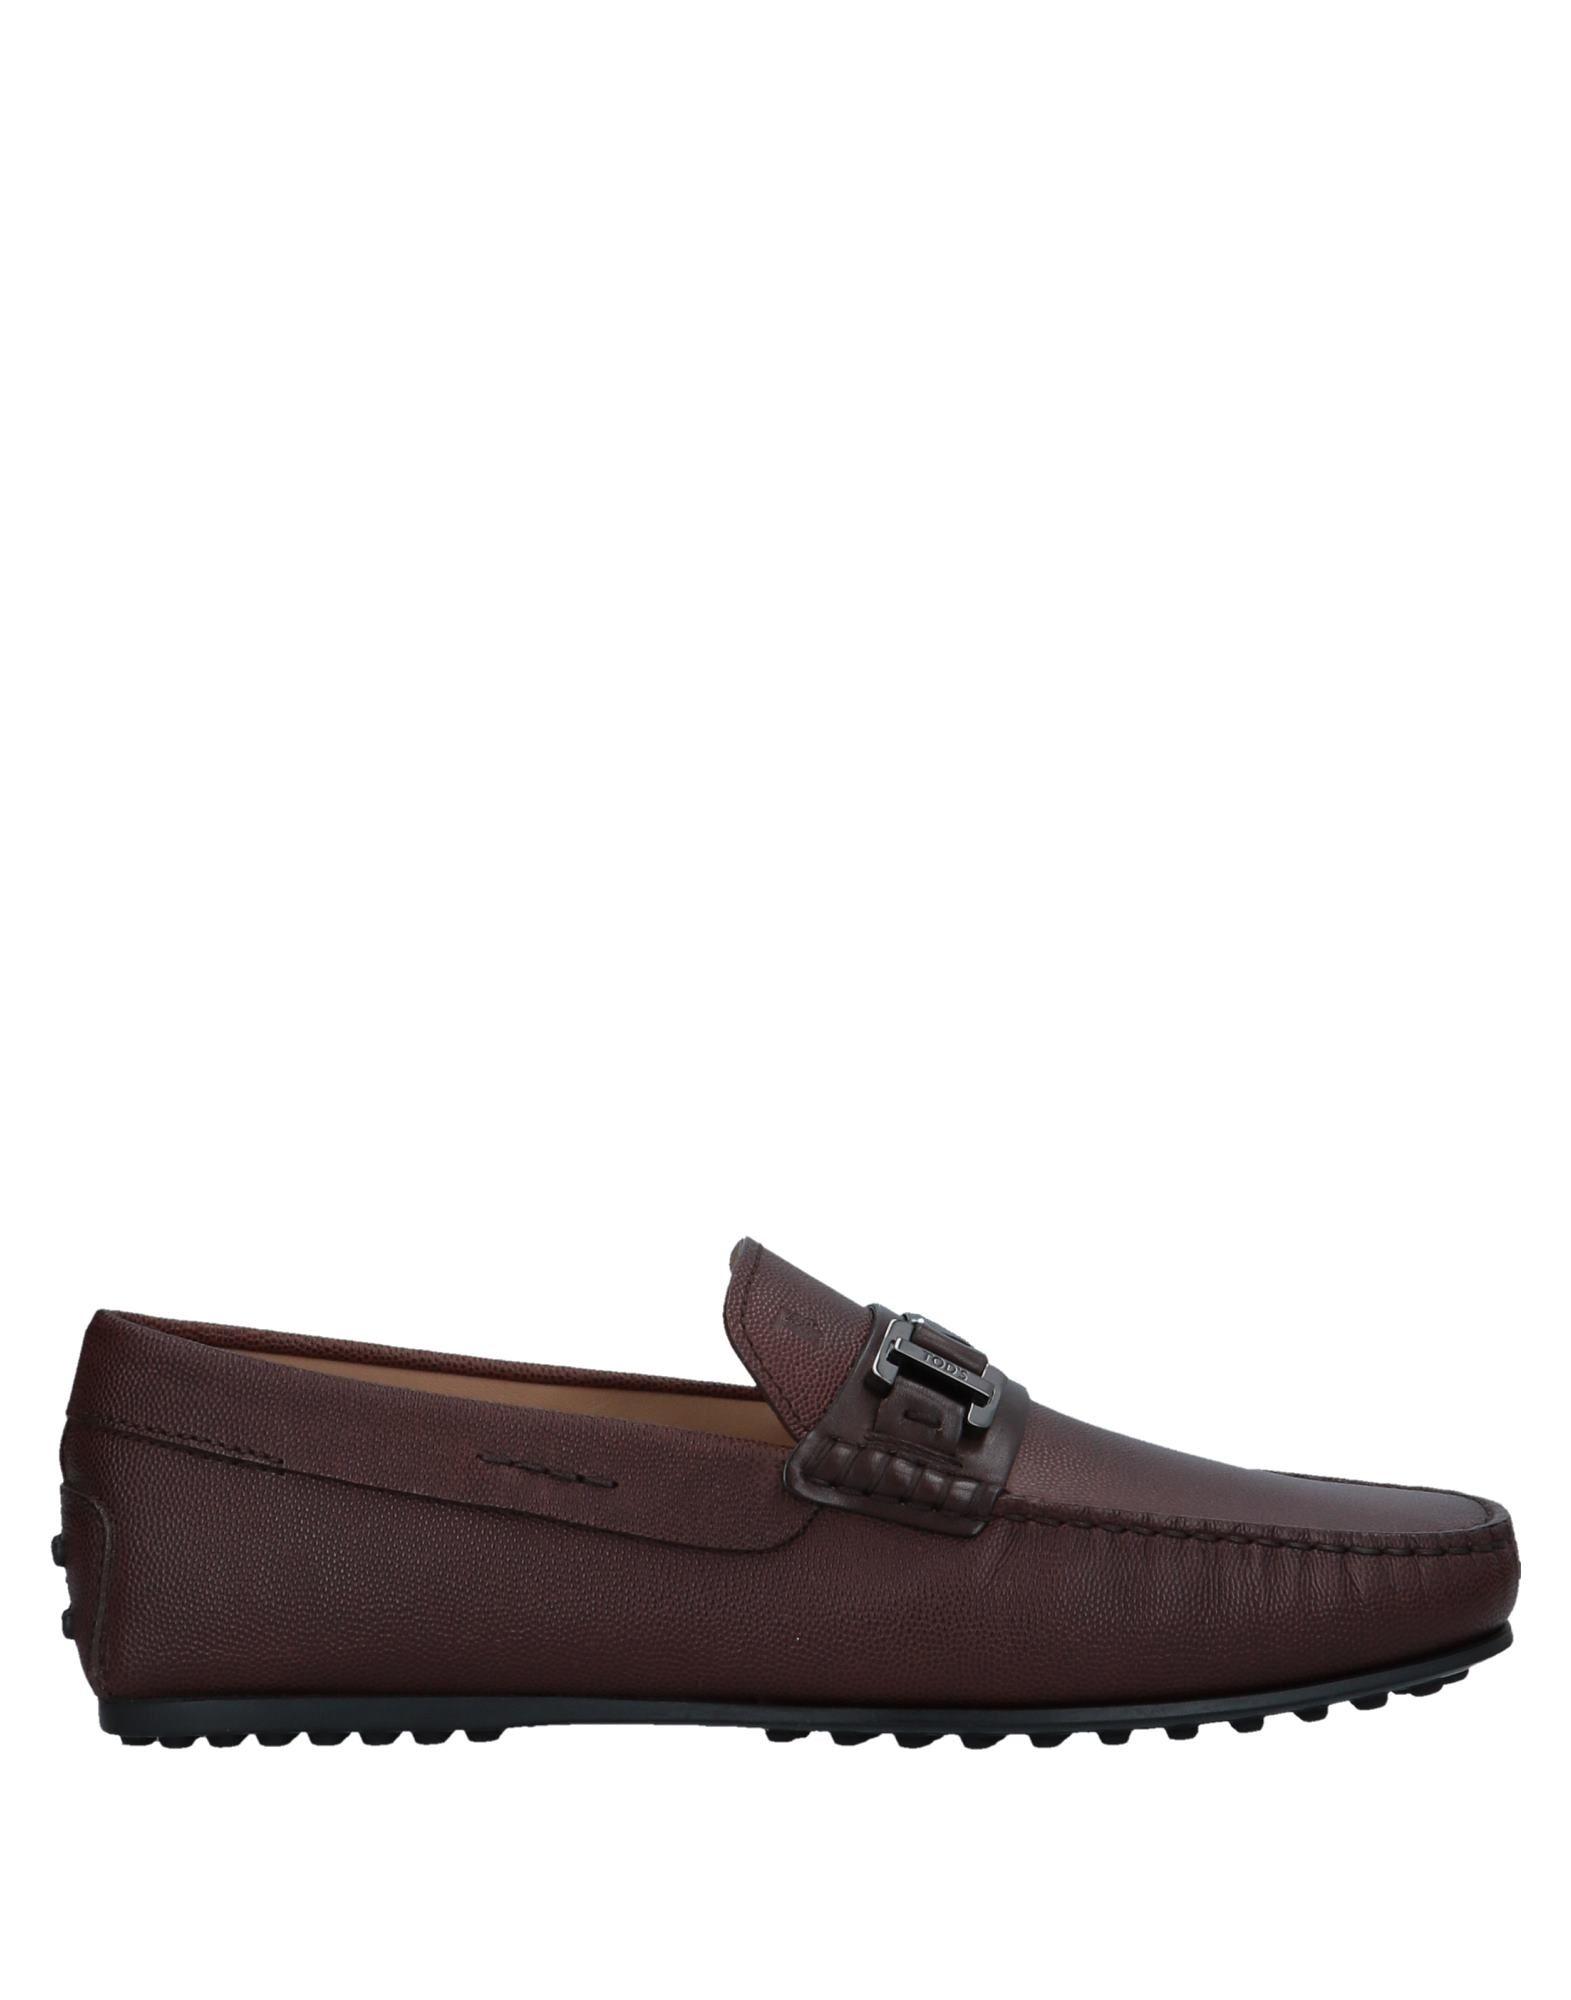 Tod's Mokassins Herren  11541288UA Gute Qualität beliebte Schuhe